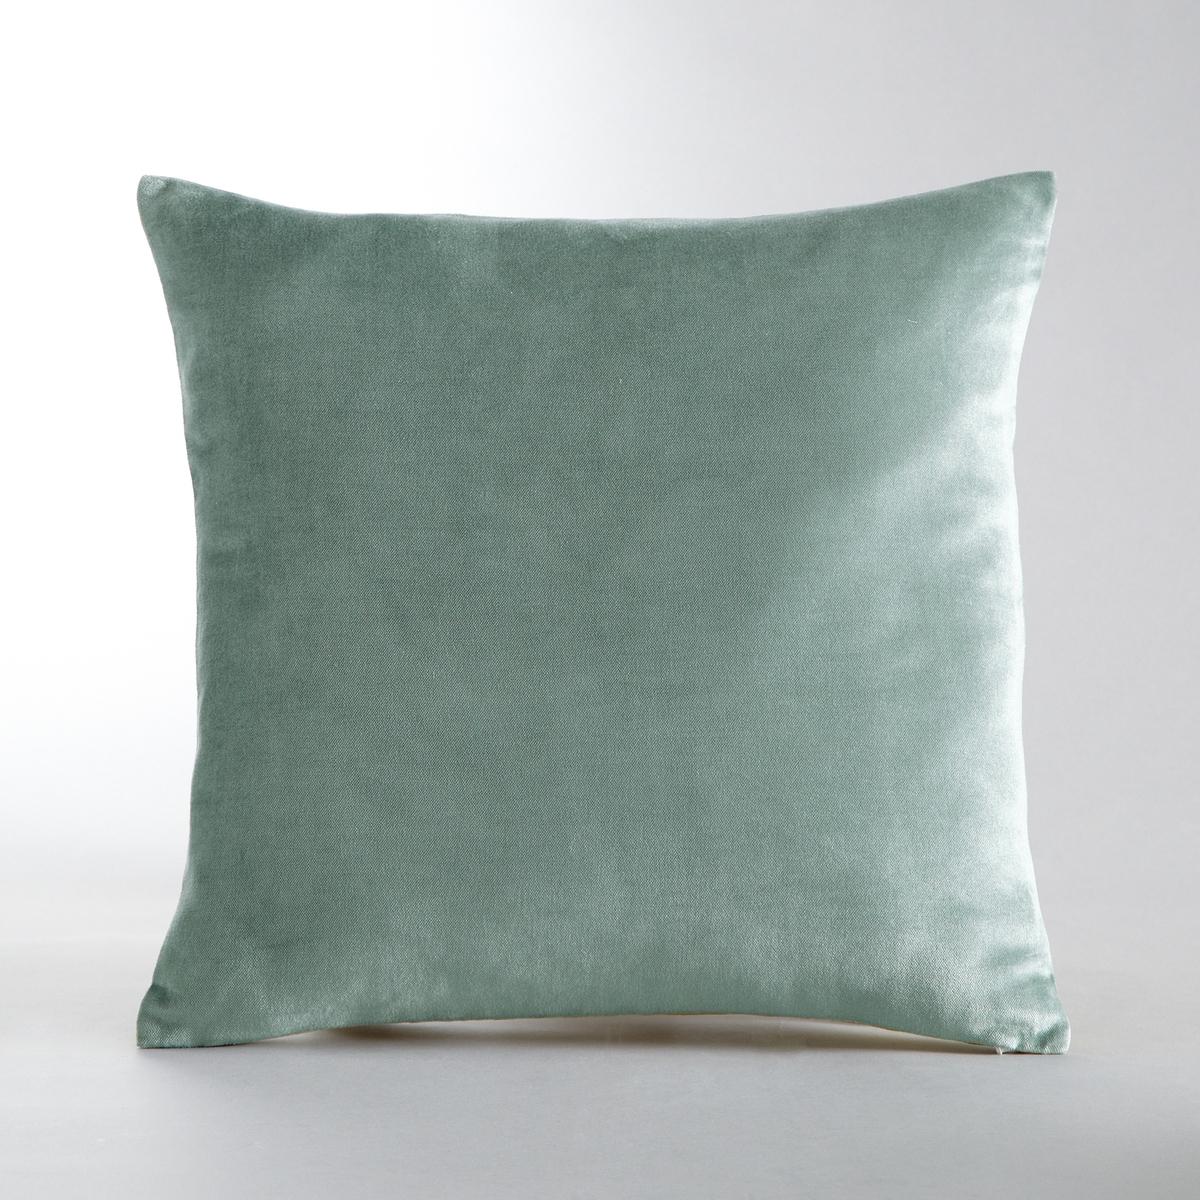 Наволочка на подушку-валик или подушку, Damya